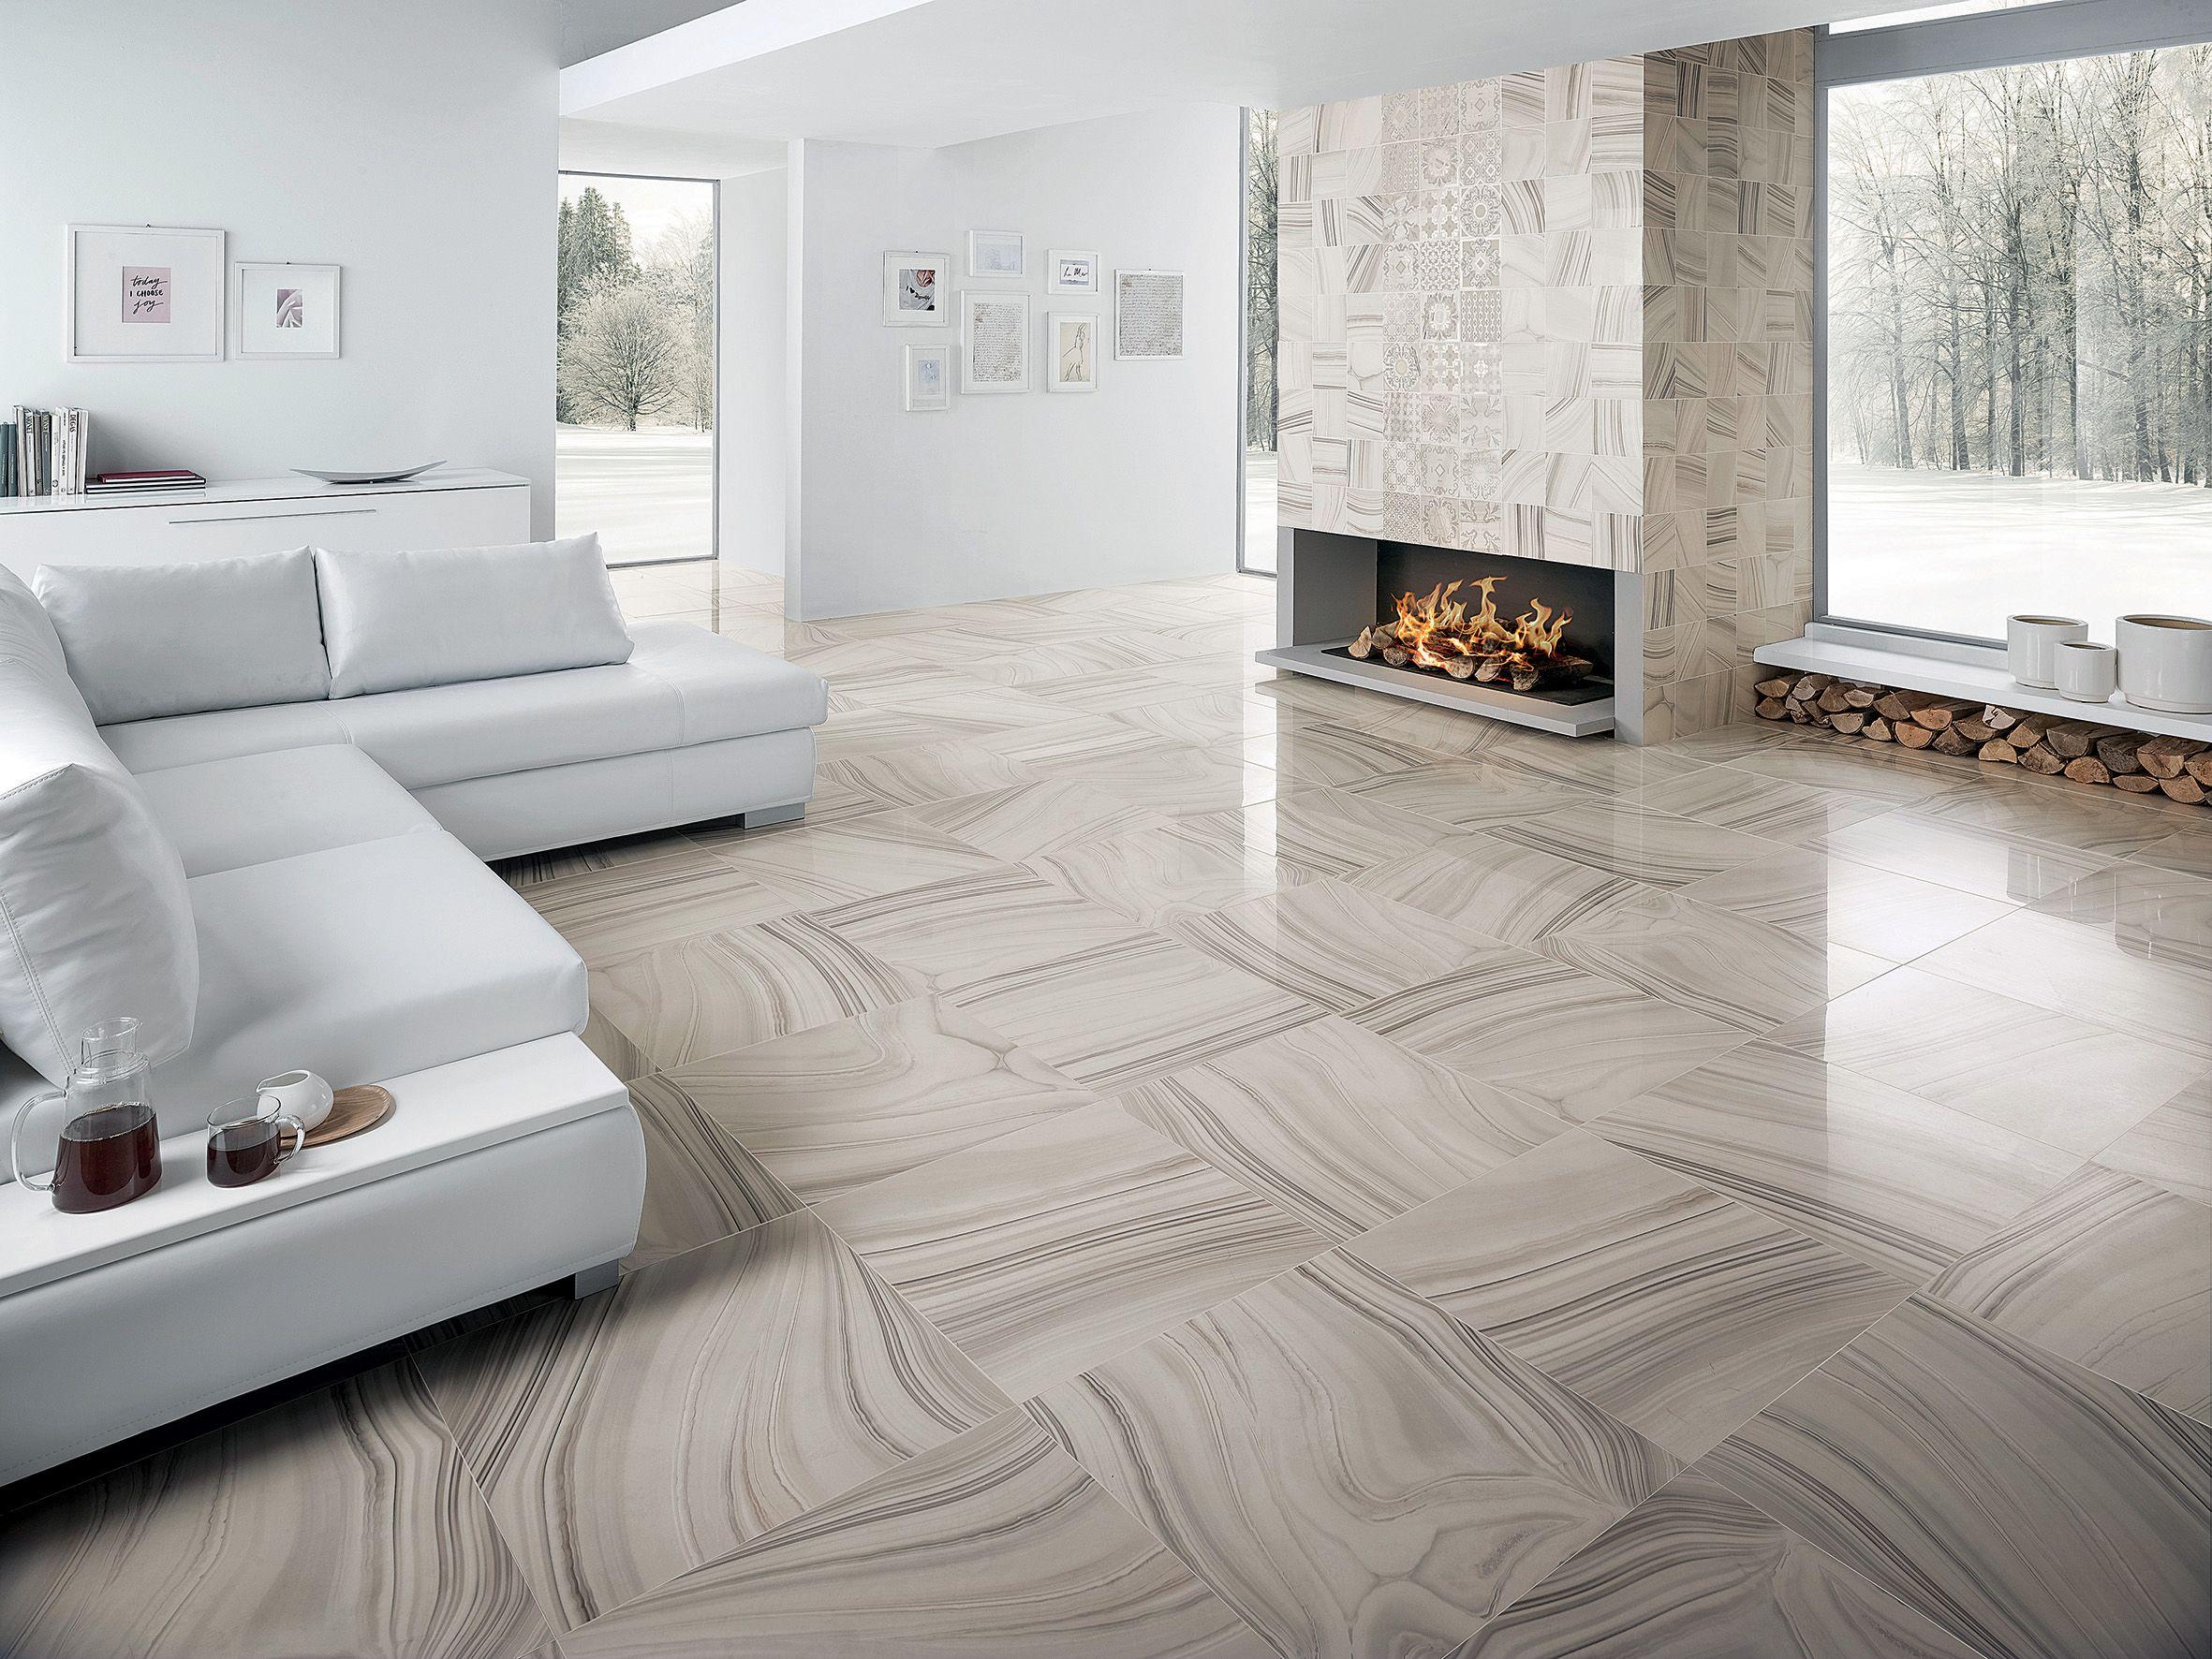 Artistic Tile Brand Tile Floor Tiles Living Room Modern Li